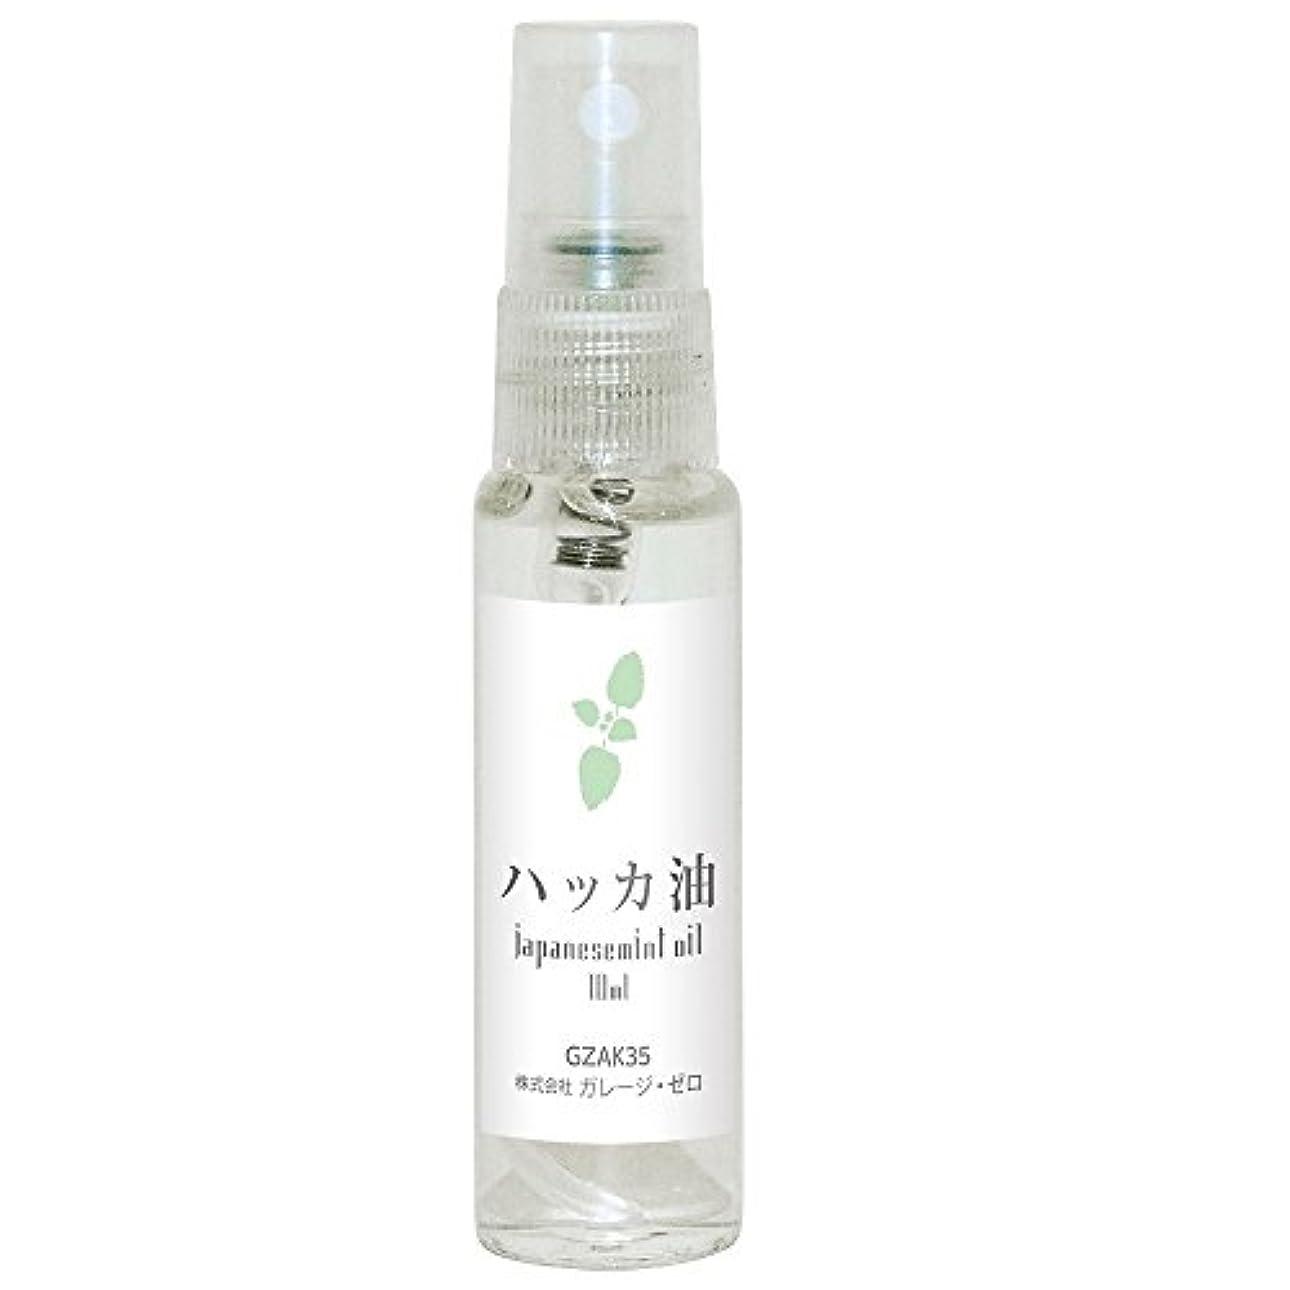 用心深いクレデンシャル本物のガレージゼロ ハッカ油 透明スプレー瓶入10ml GZAK35